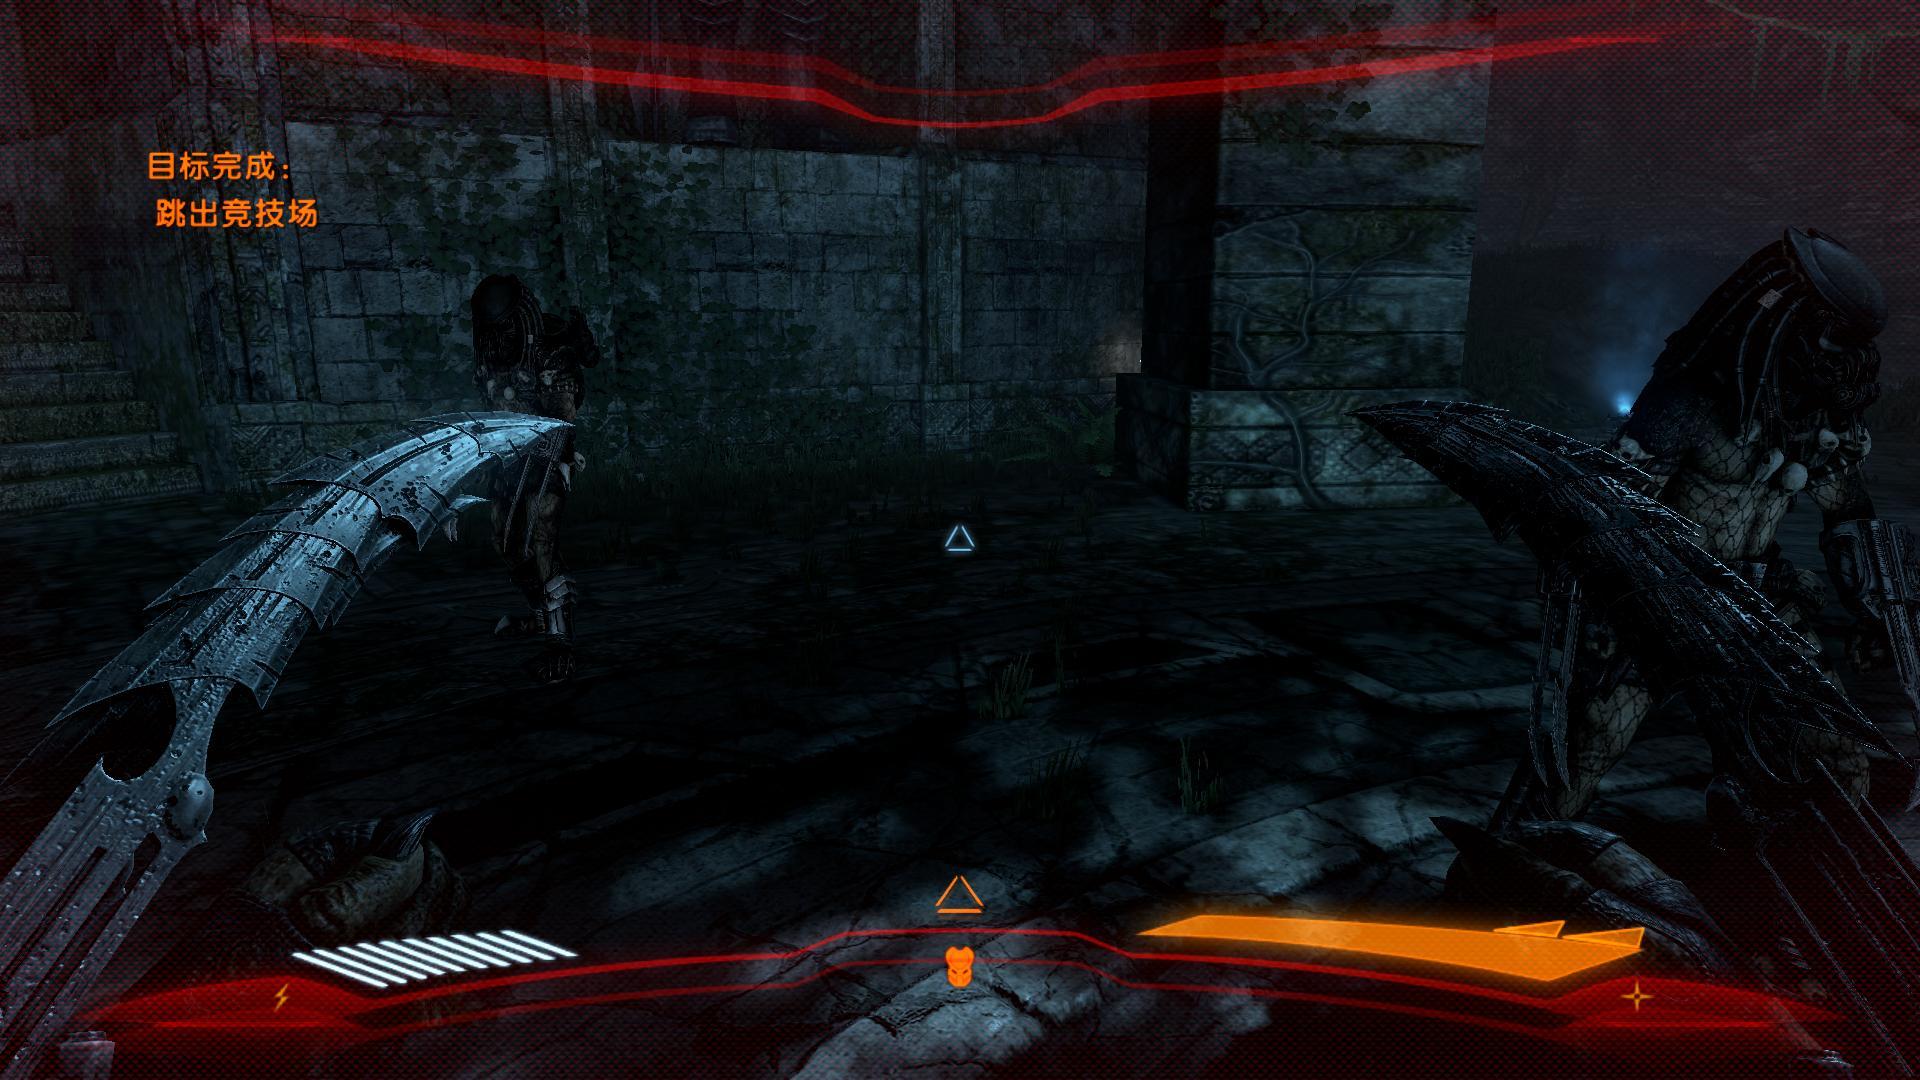 异形大战铁血战士黄金版 Alien vs Predator Gold人类所有属性修改器截图3